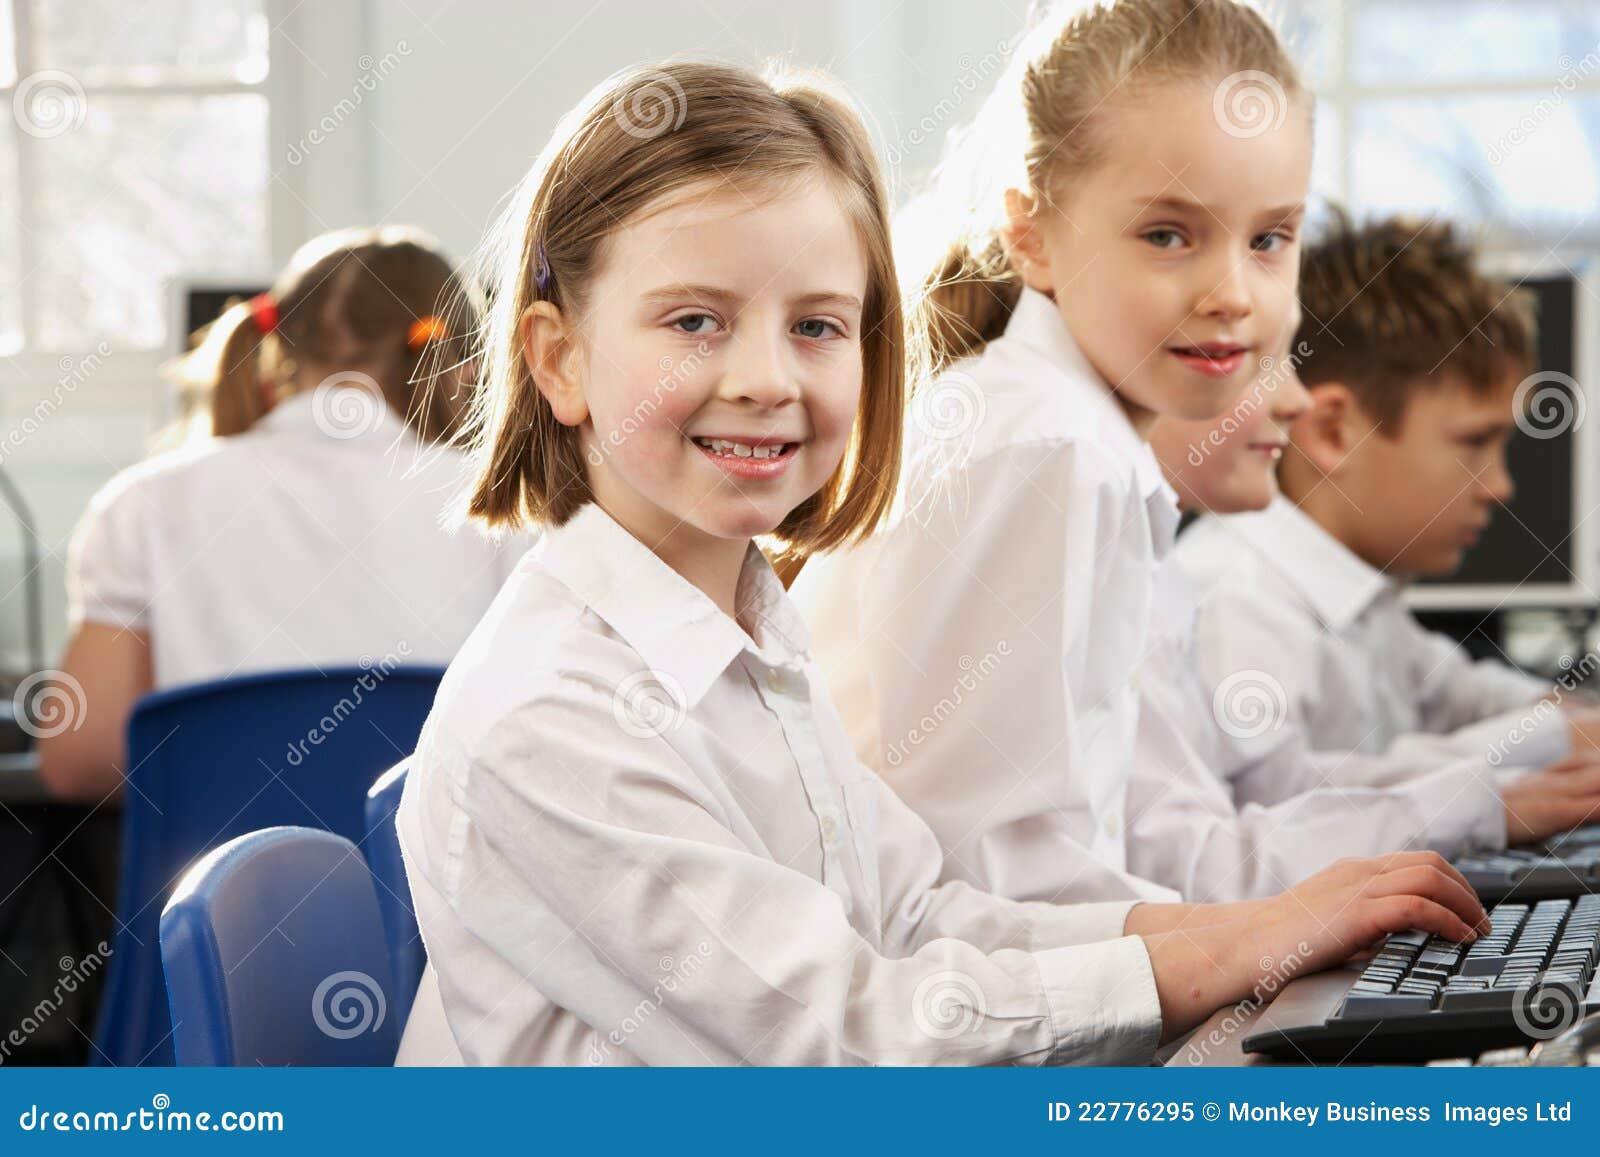 Κορίτσια στη σχολική τάξη που κοιτάζουν στη φωτογραφική μηχανή